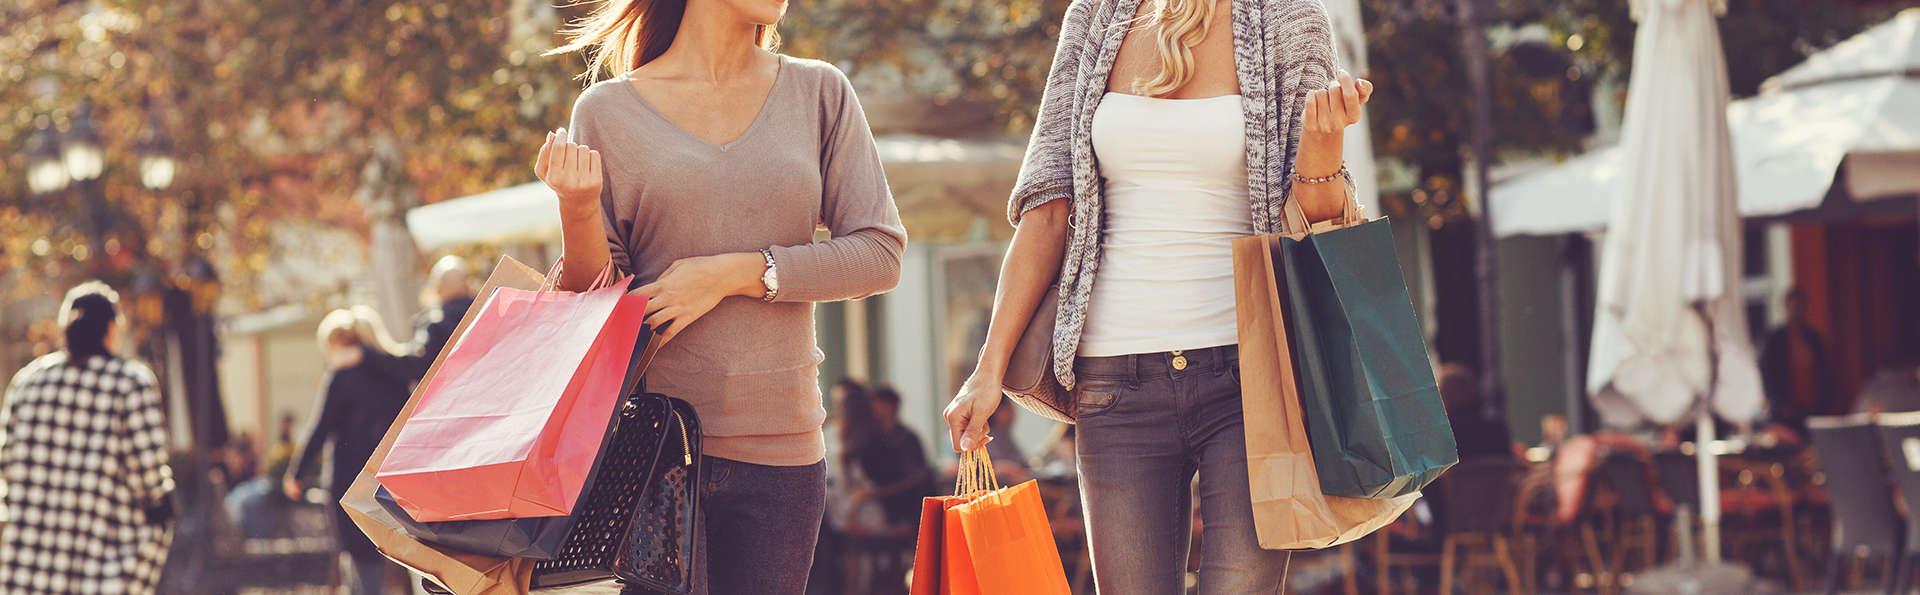 Luxe et shopping à Maasmechelen